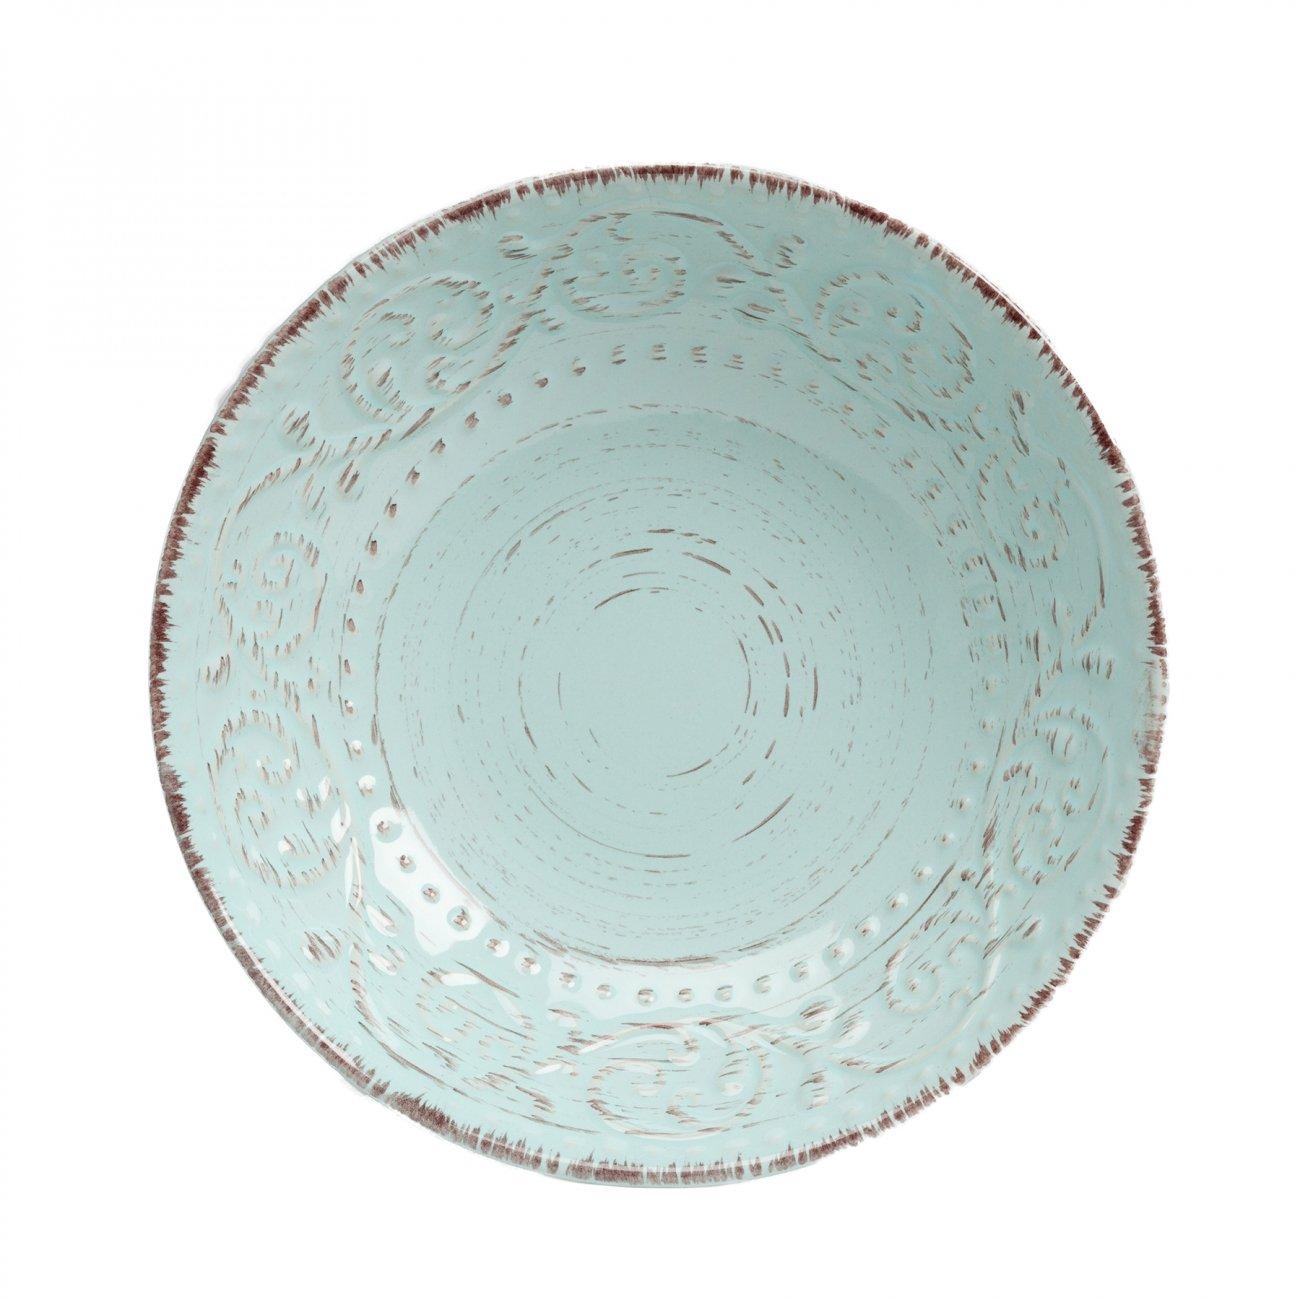 Купить Салатник порционный La Cebra Голубая в интернет магазине дизайнерской мебели и аксессуаров для дома и дачи